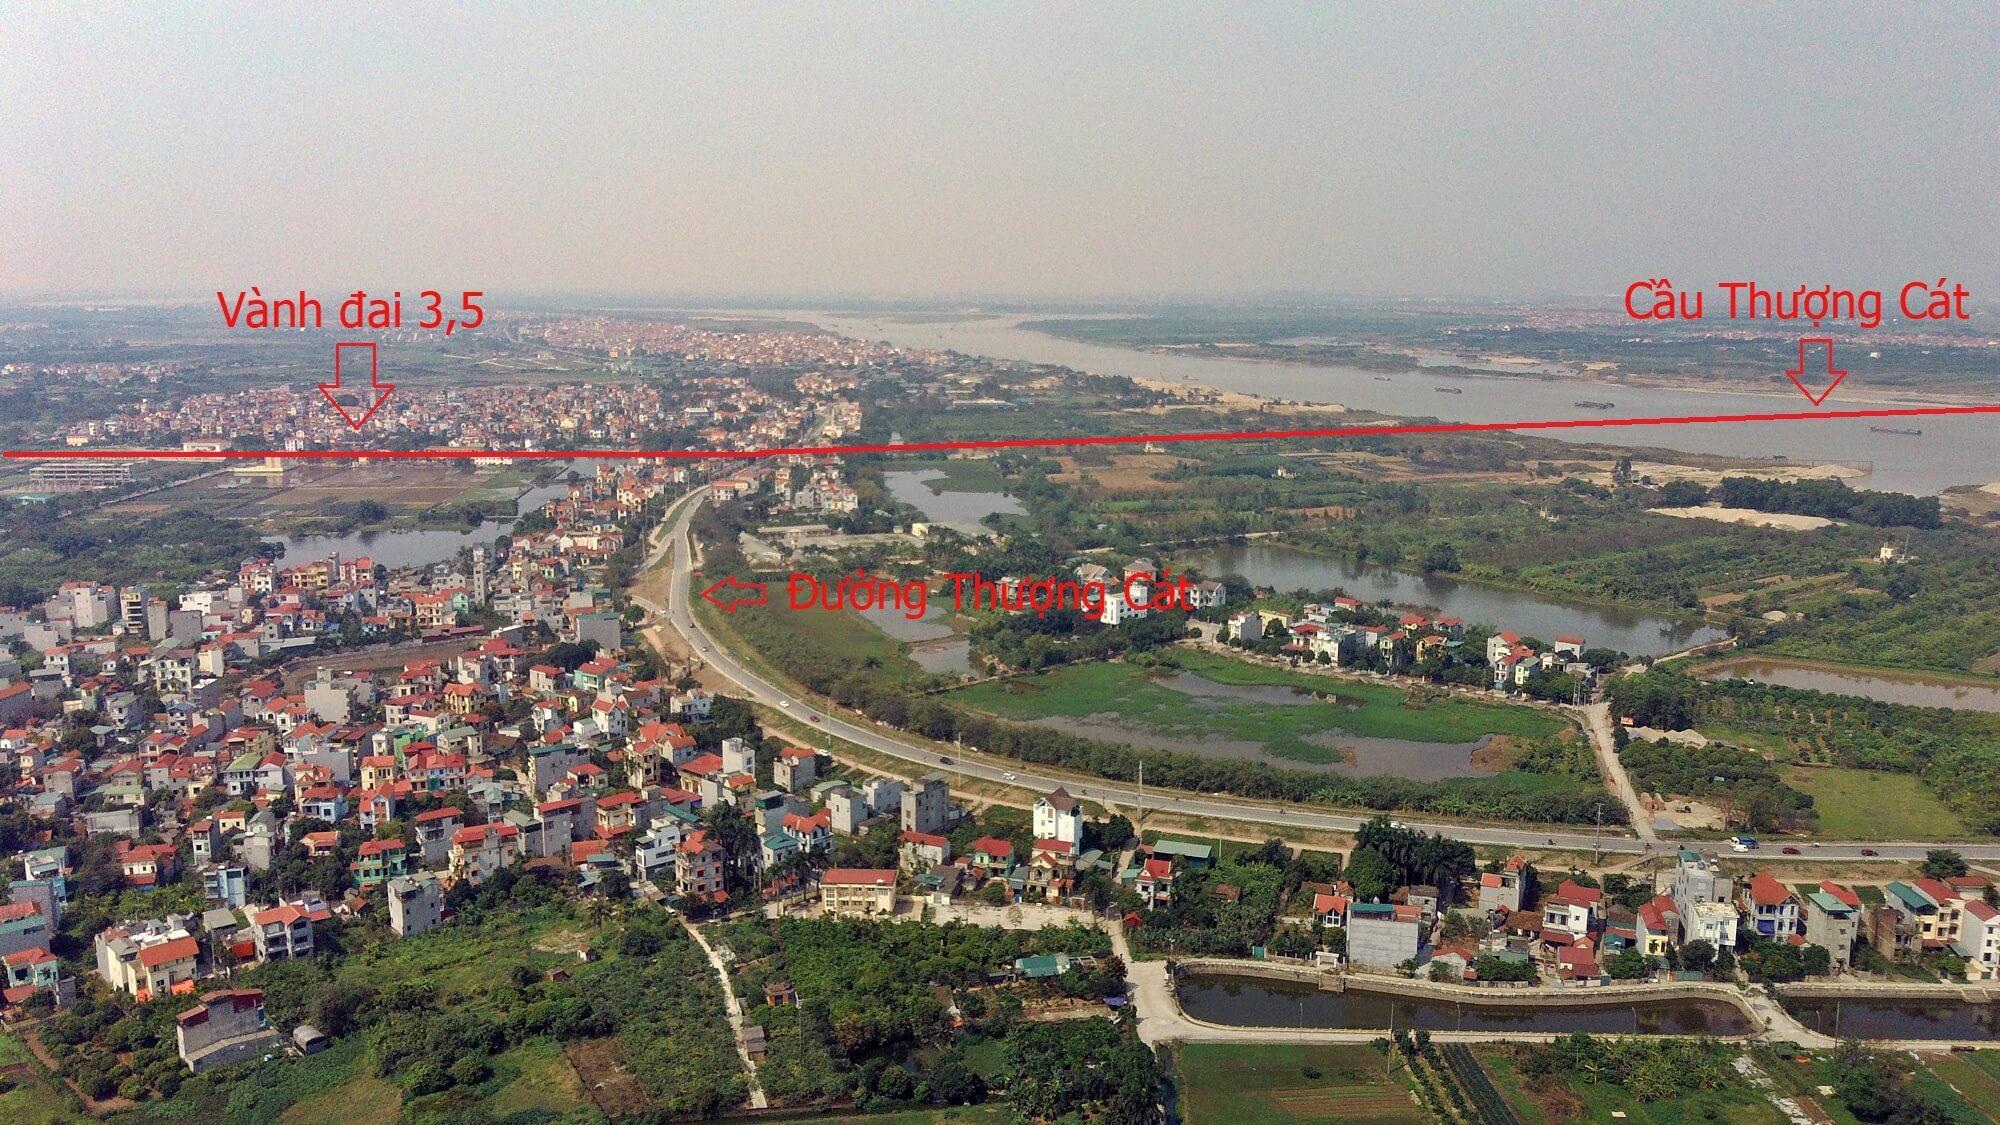 Cầu cắt qua đê Thượng Cát bắc qua sông Hồng.